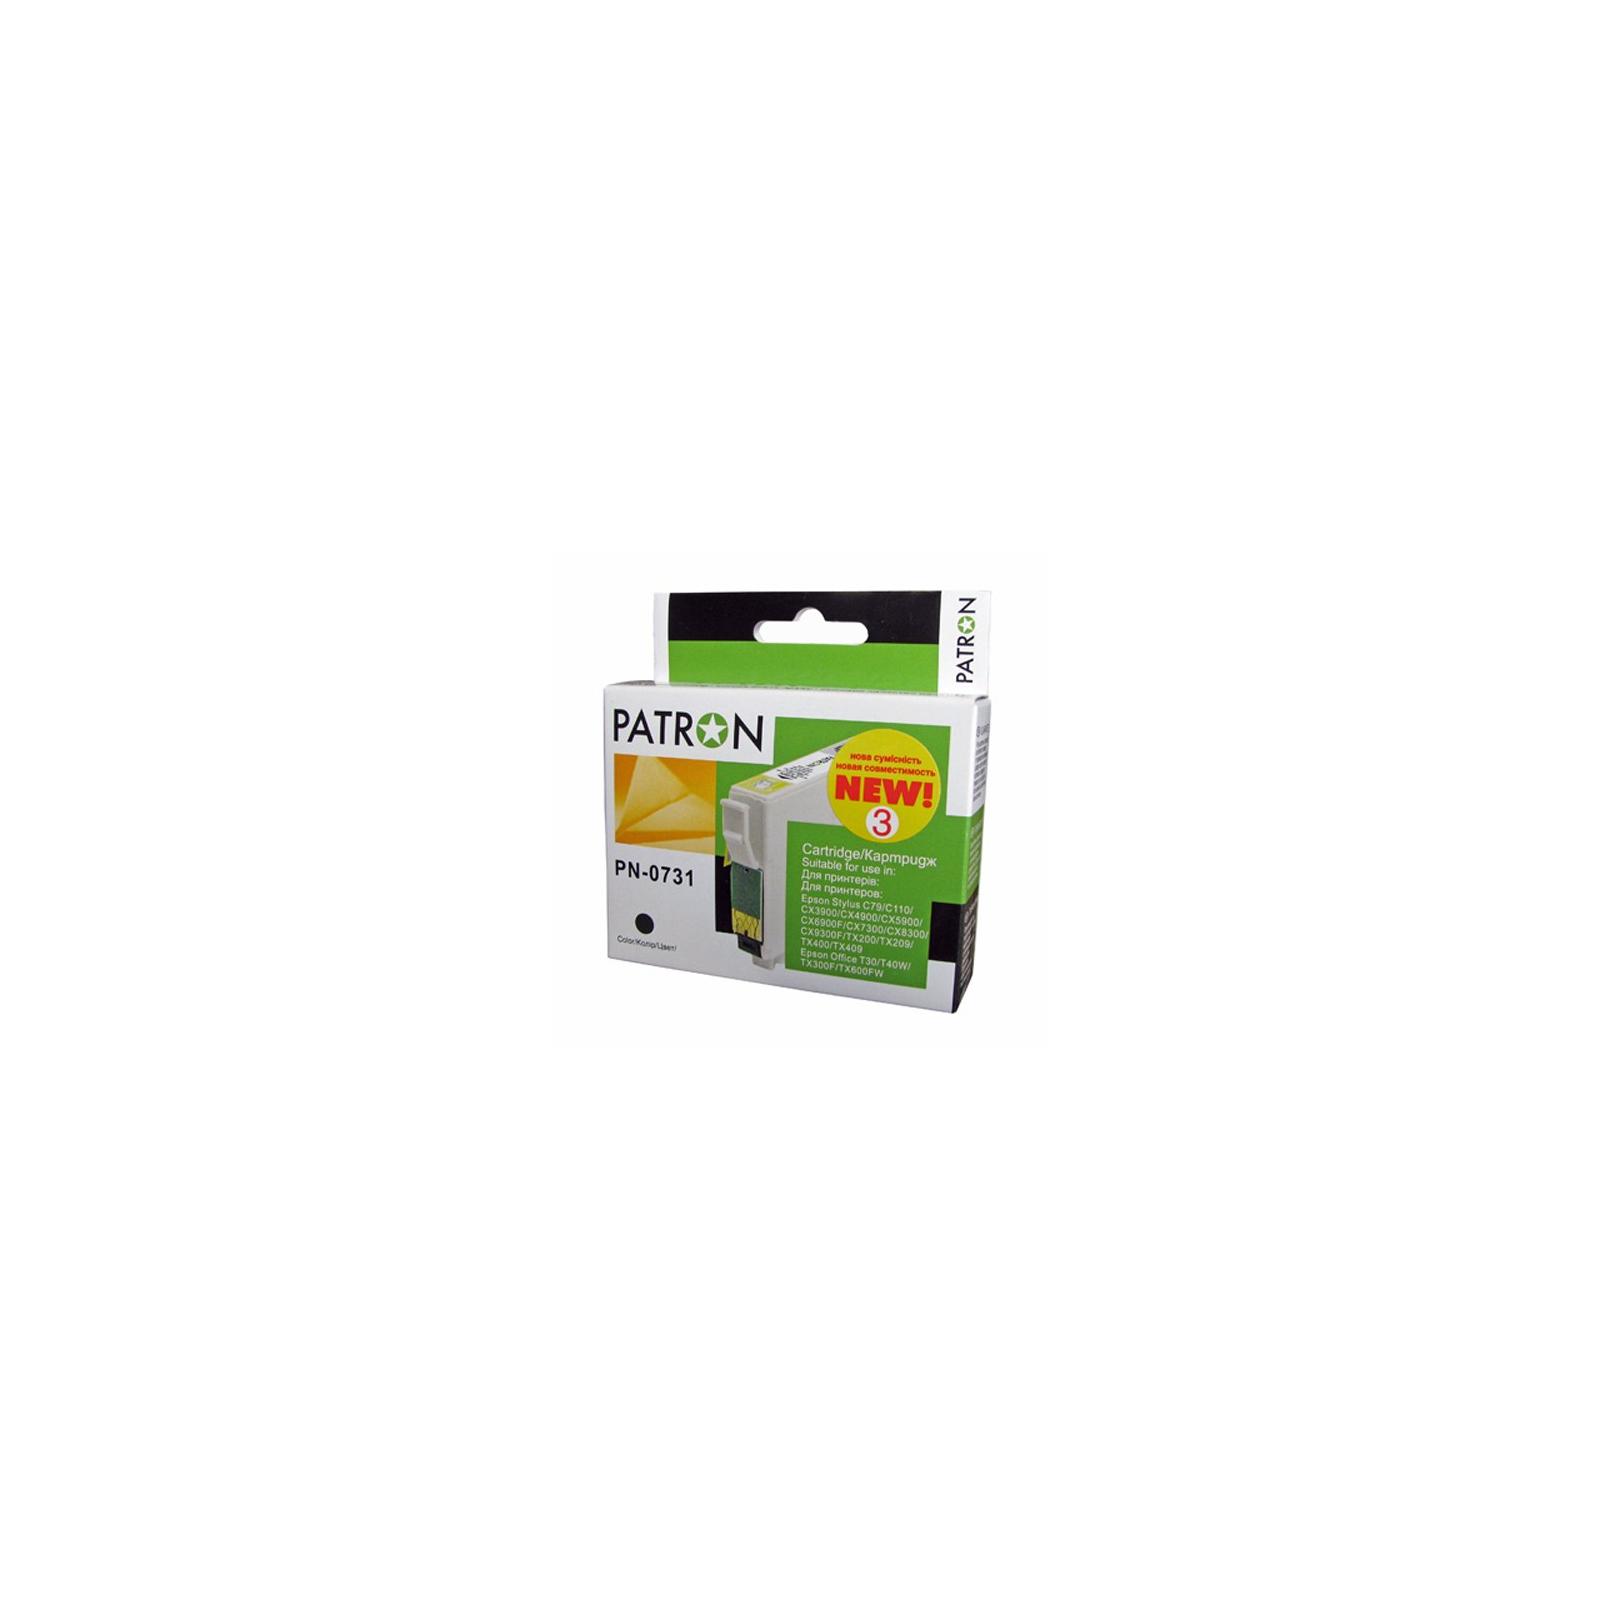 Картридж PATRON для EPSON C79/C110/TX200 black (CI-EPS-T07314-B3-PN/CI-EPS-T07314-B-PN)